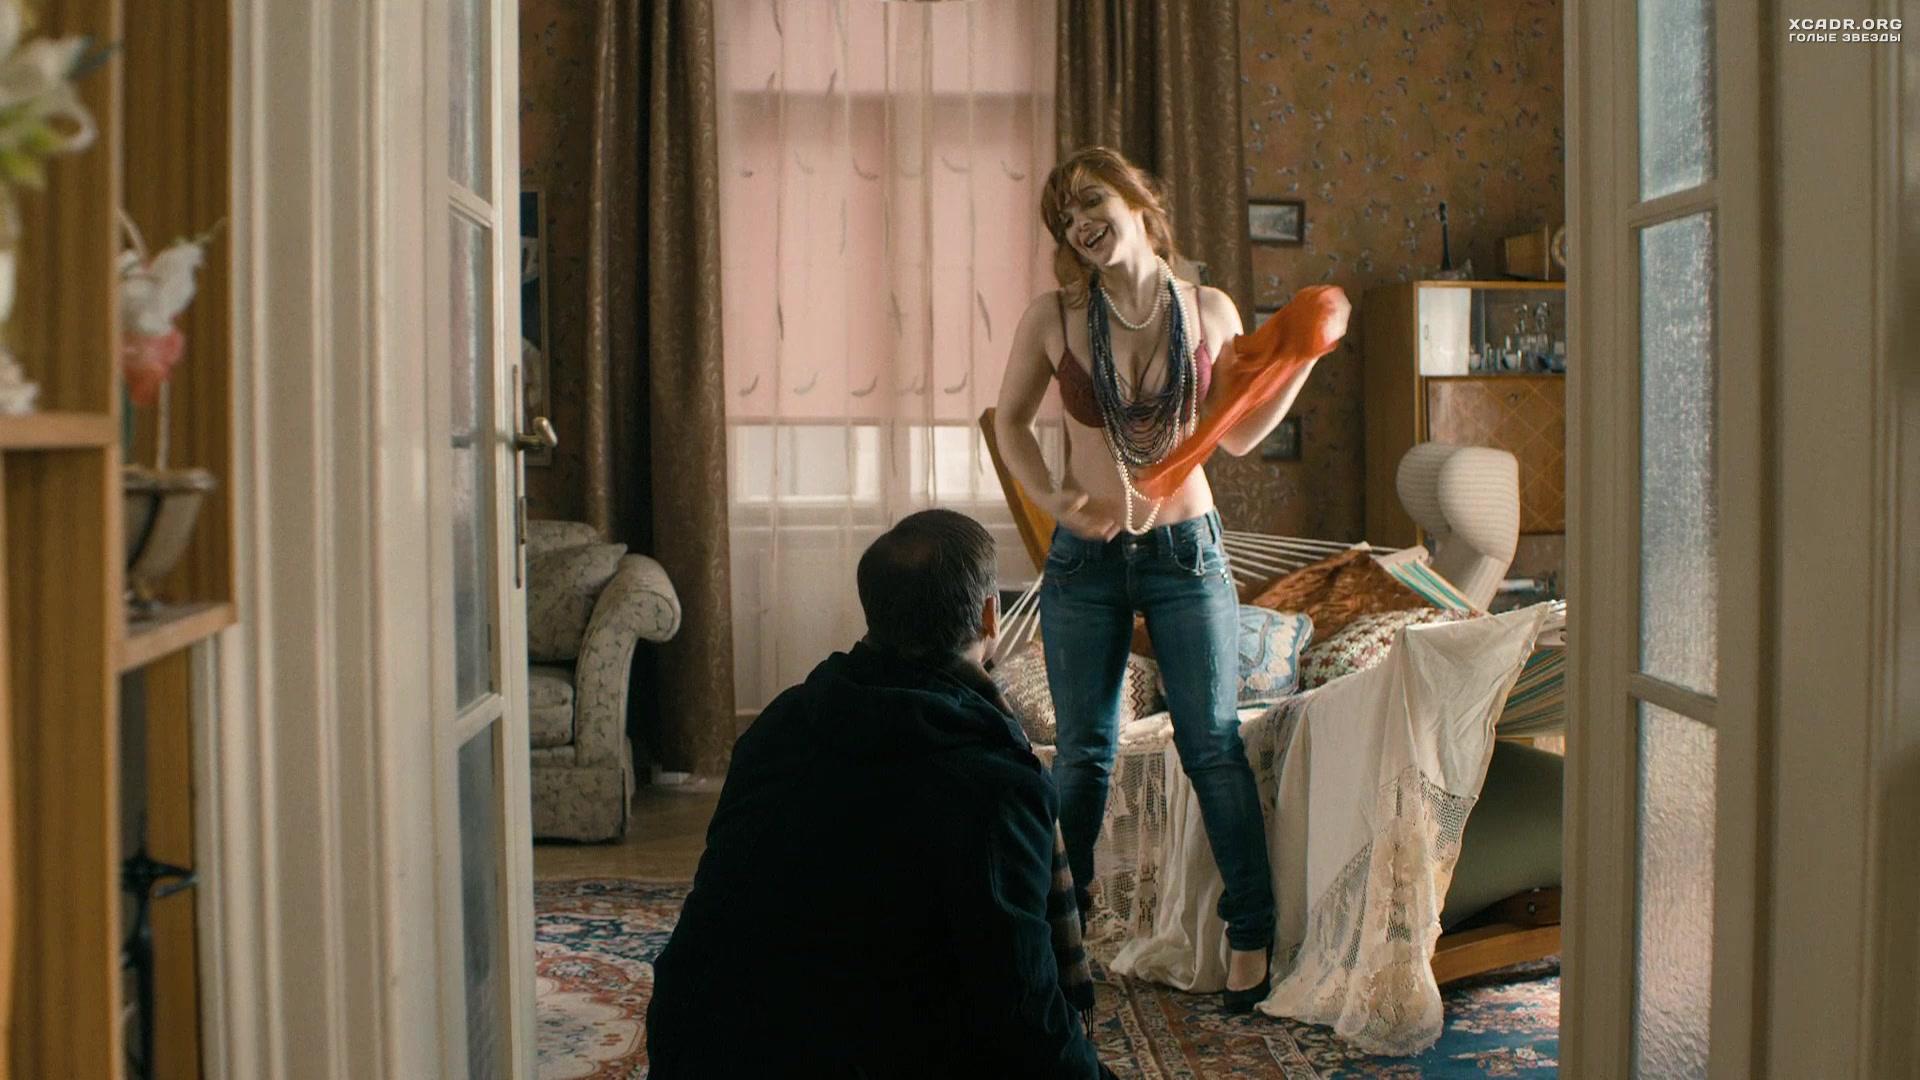 порно если сцены подглядывания под юбку из художественных фильмов эротическое фото